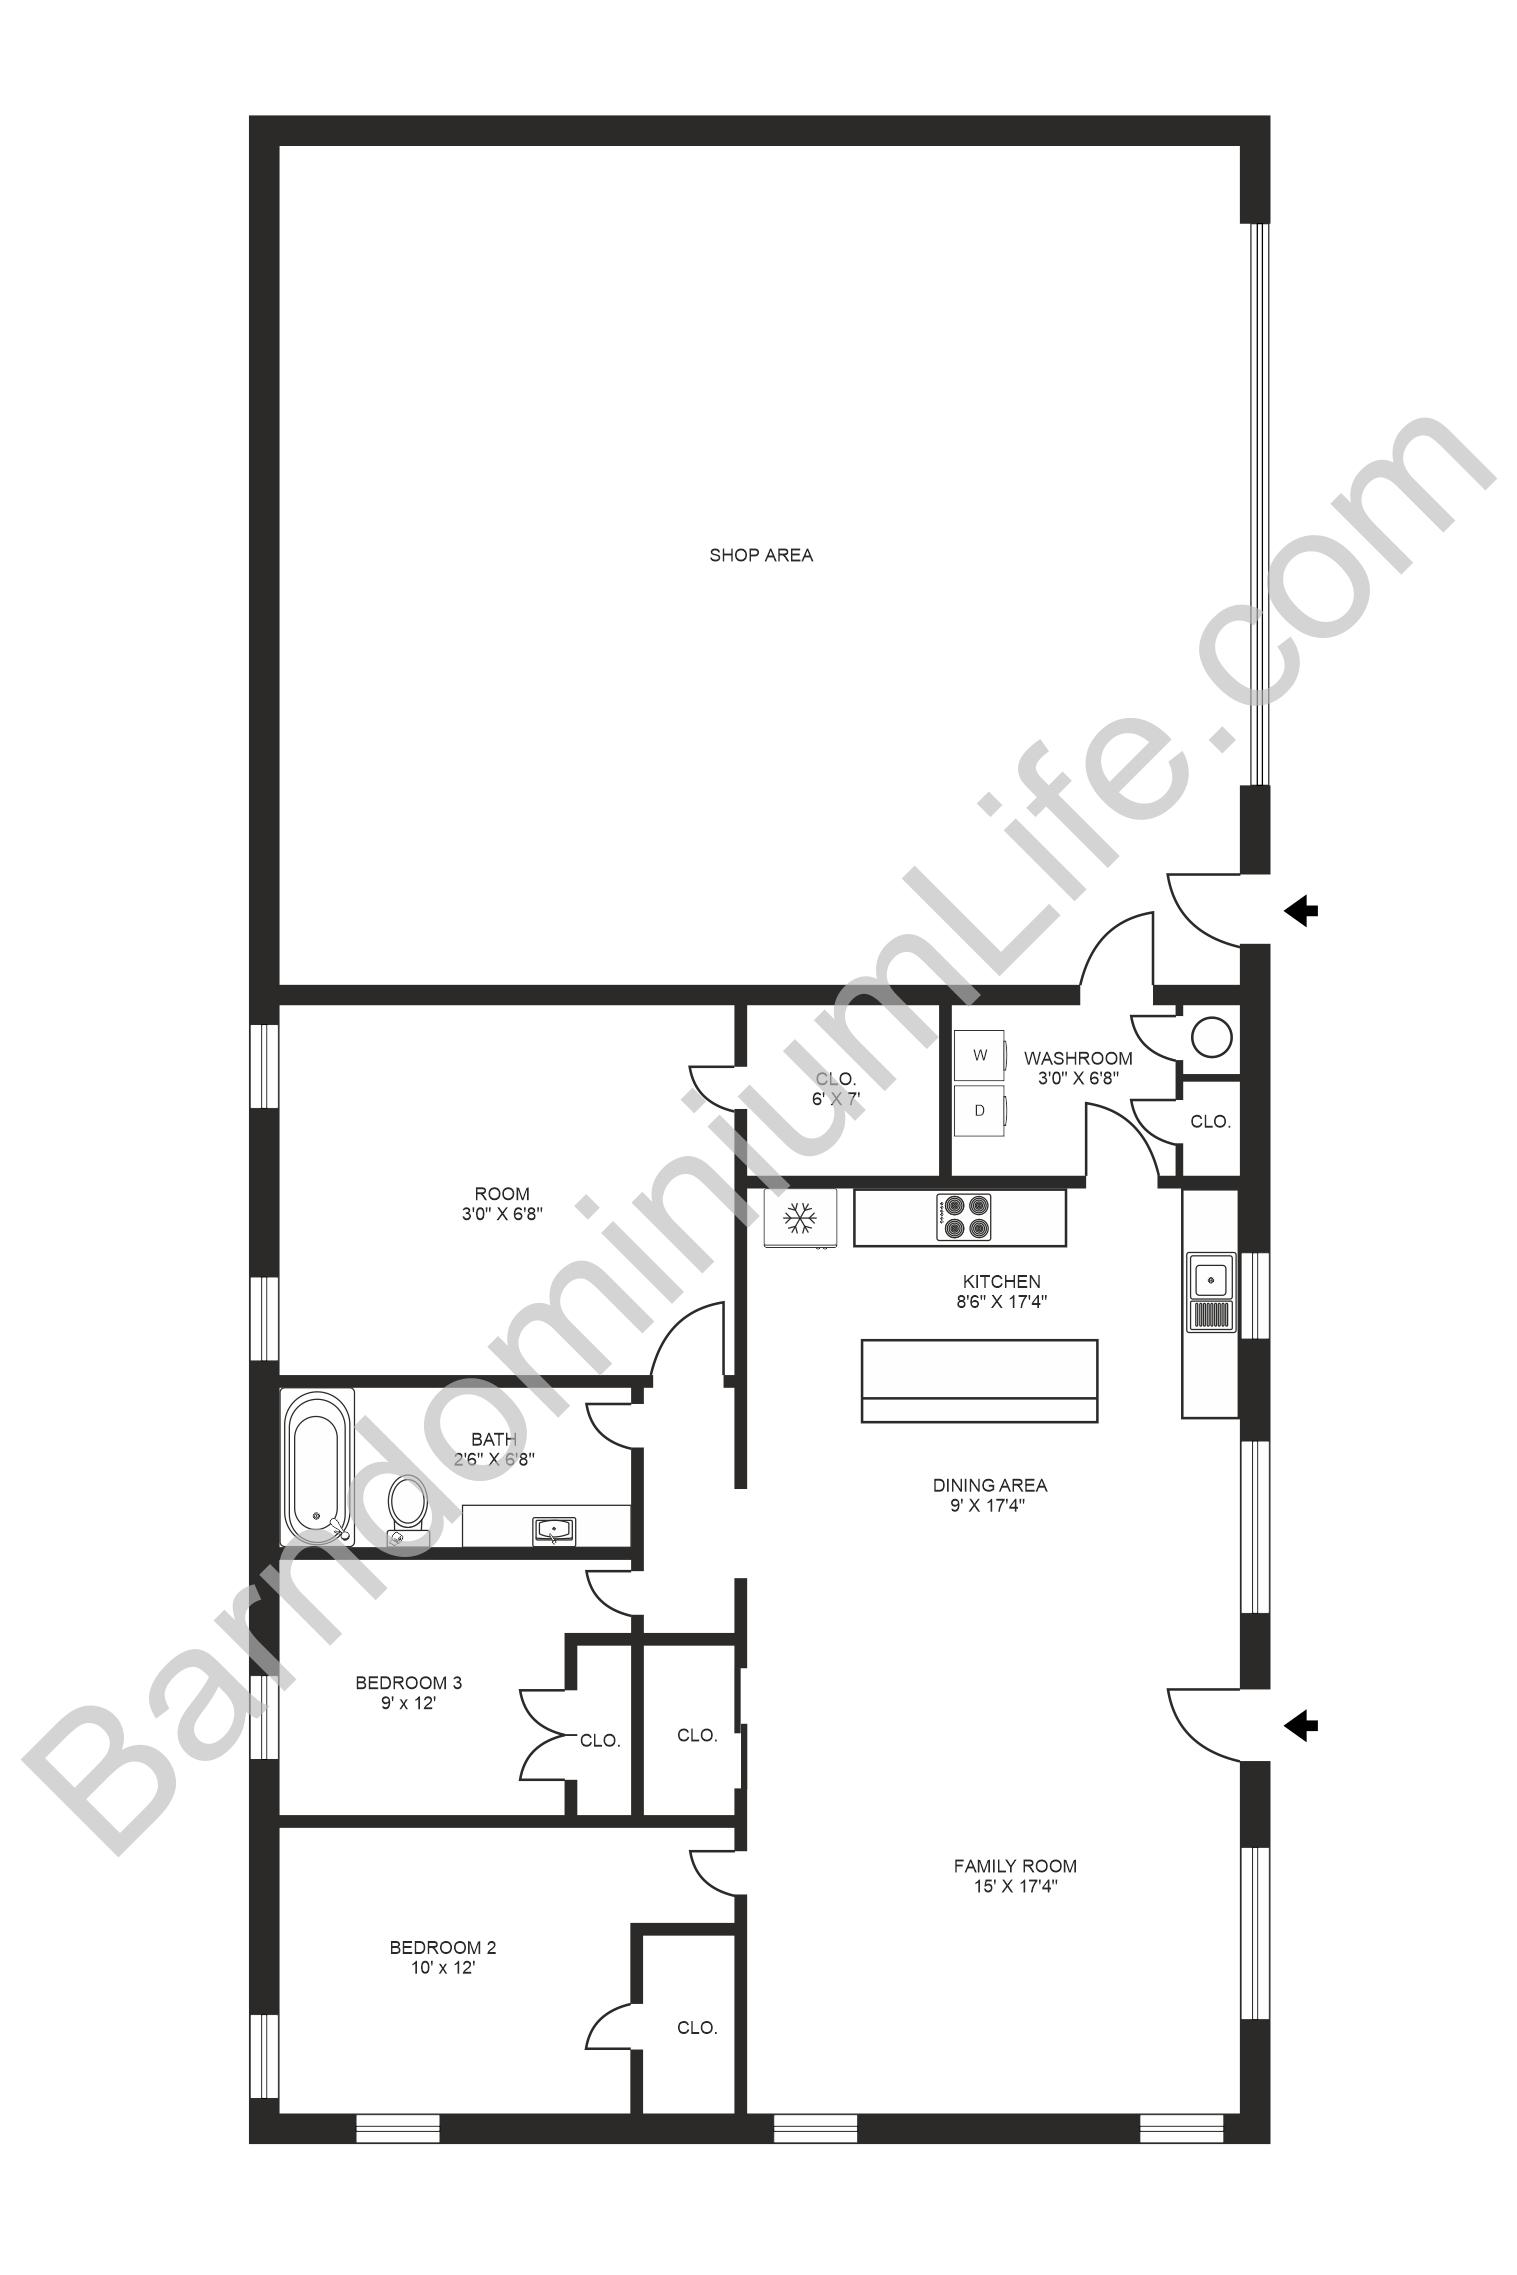 40x53 barndominium floor plan with shop